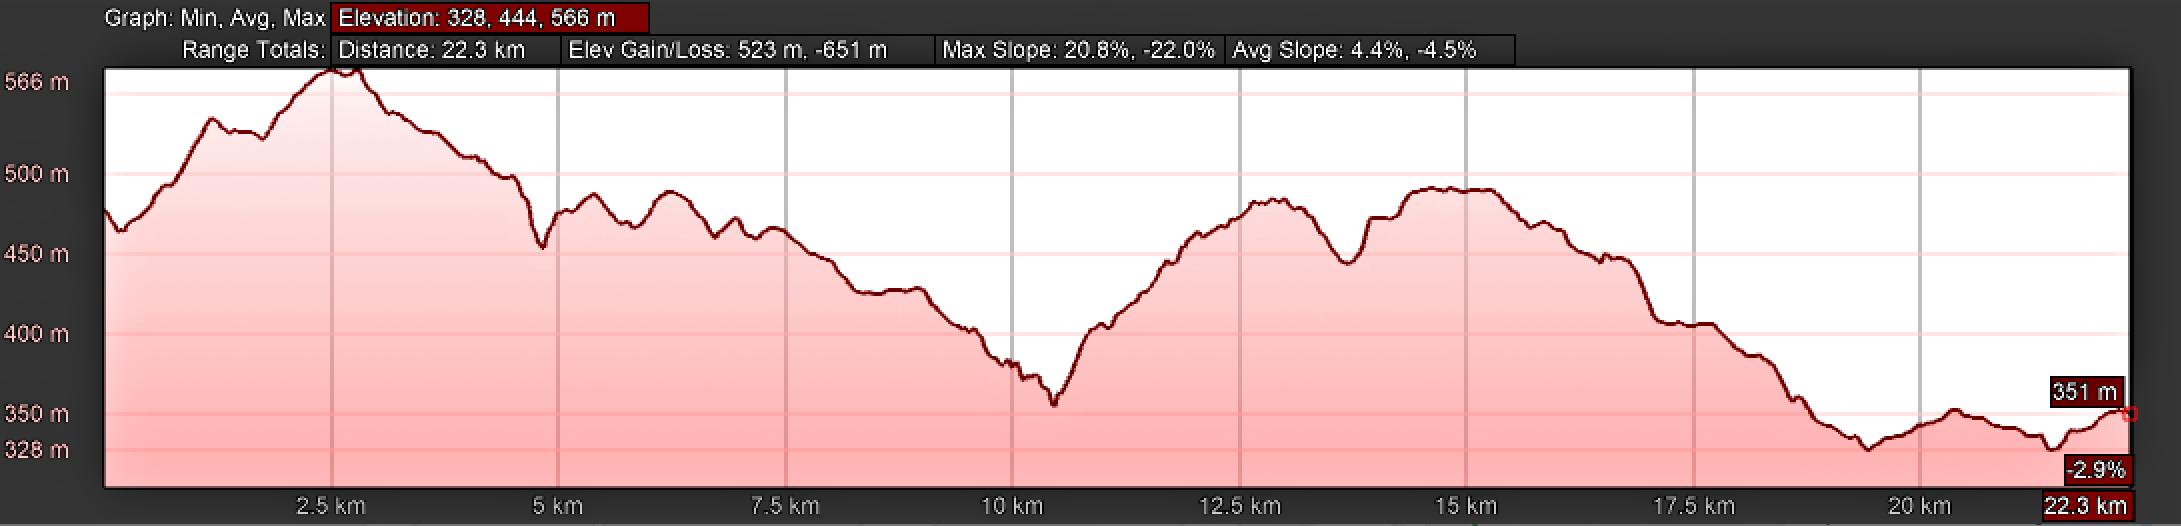 Elevation Profile, Camino Sanabrés, Estación de Lalín to Bandeira